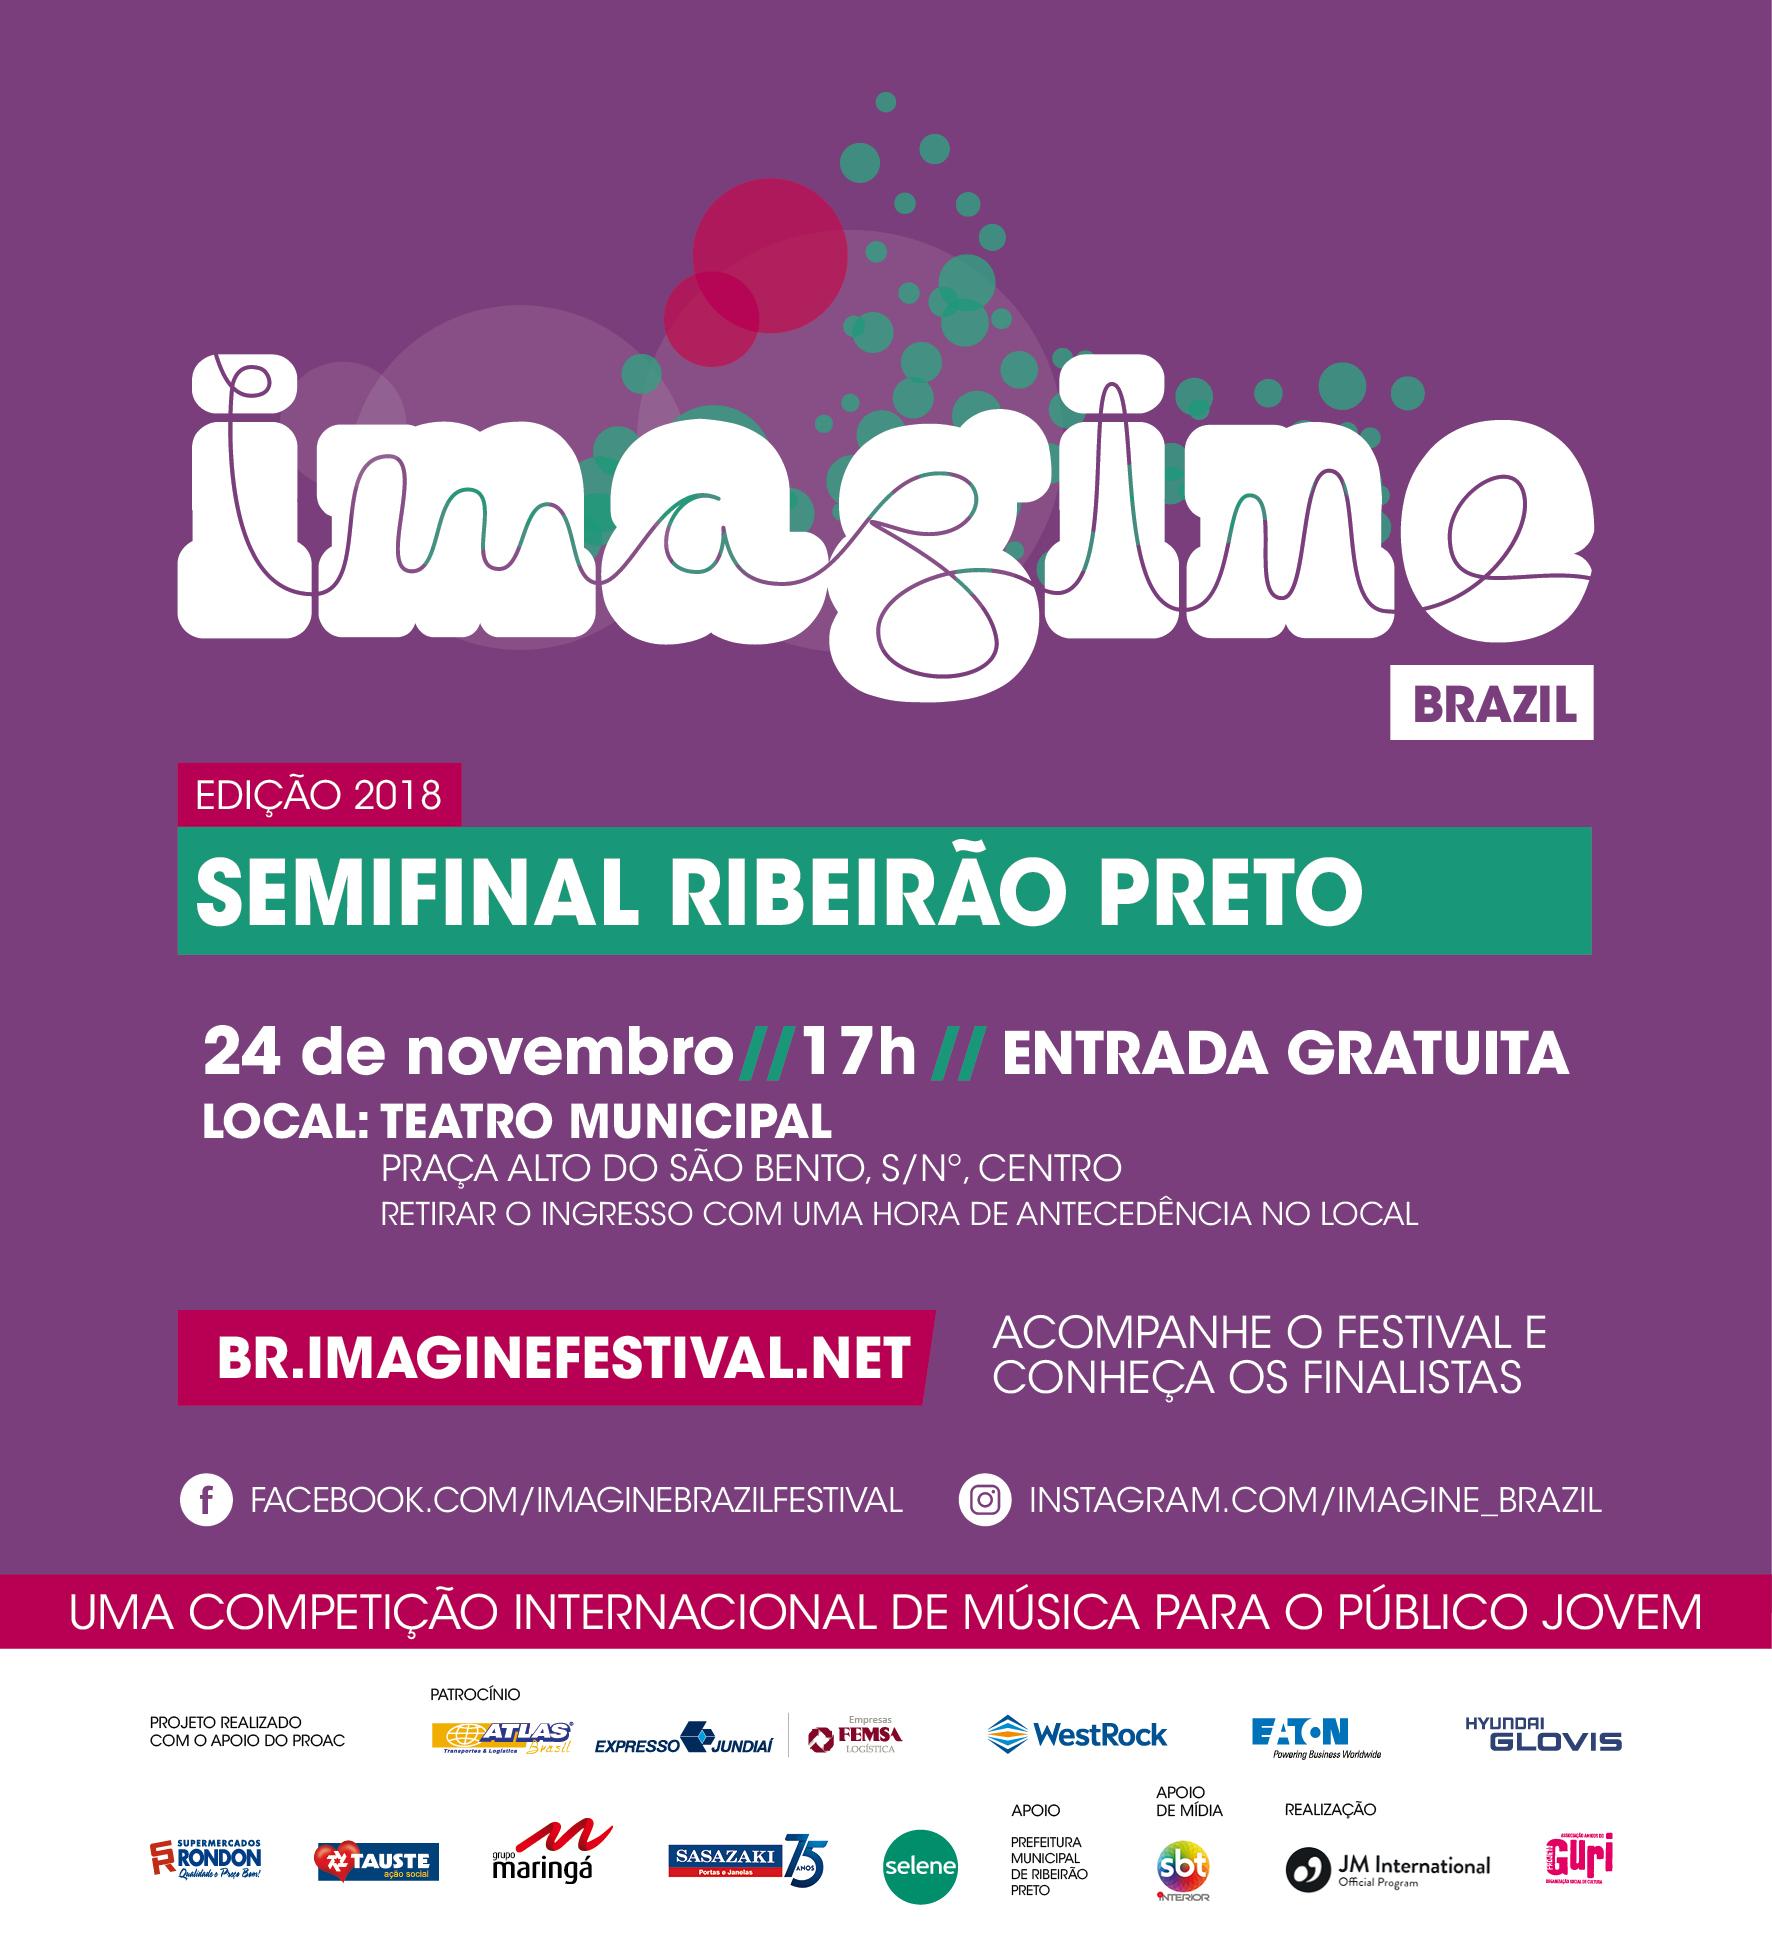 Imagine - Ribeirão Preto